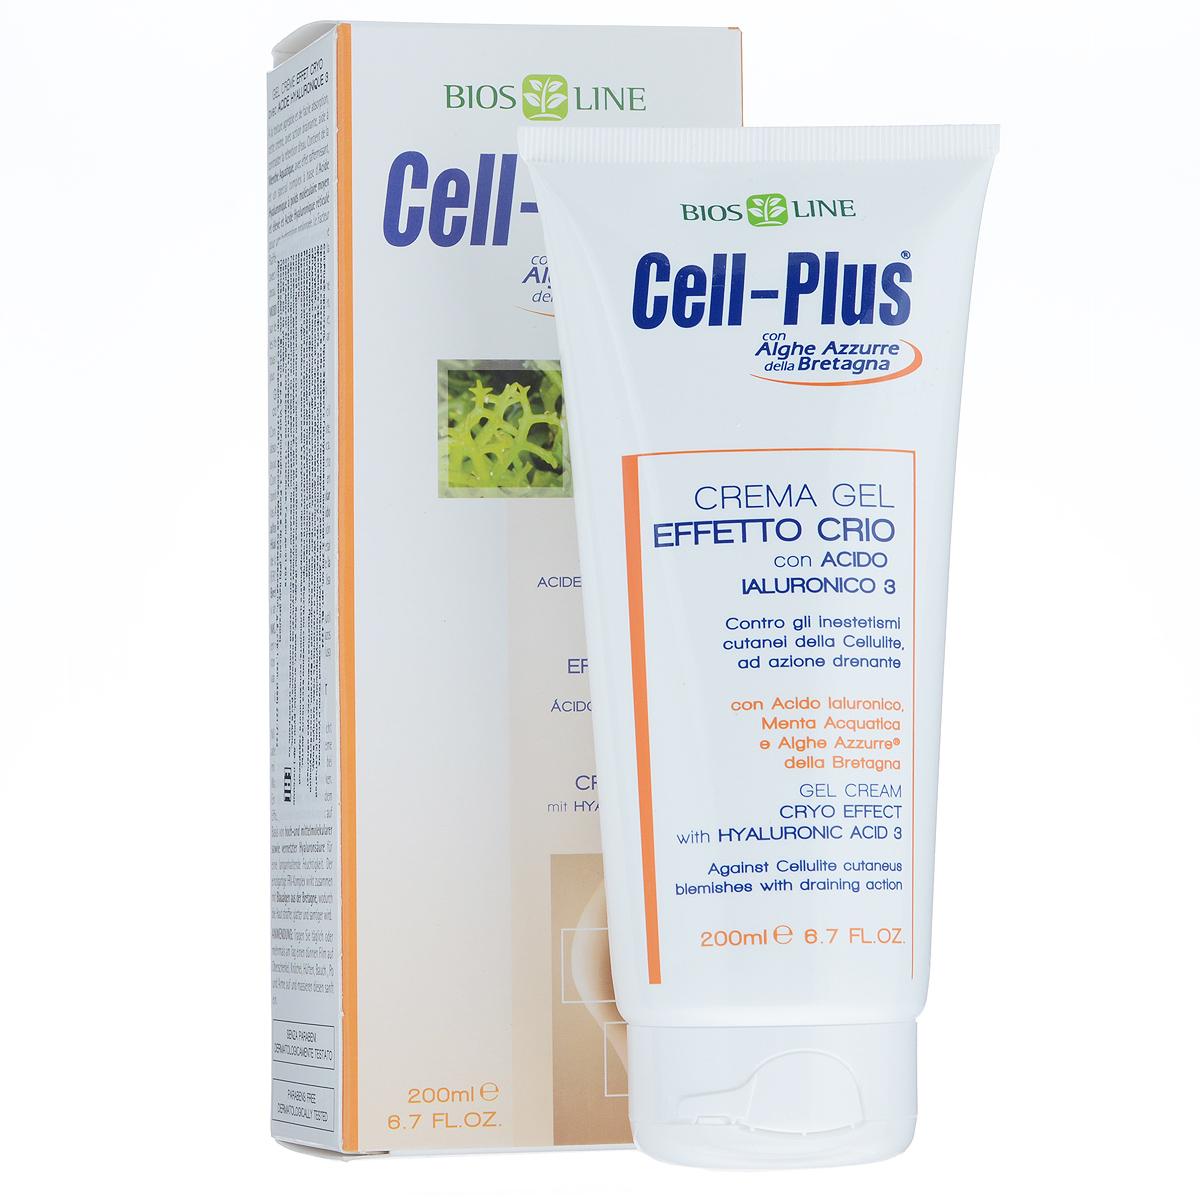 Cell-Plus Крем-гель с крио-эффектом с гиалуроновой кислотой, 200 мл